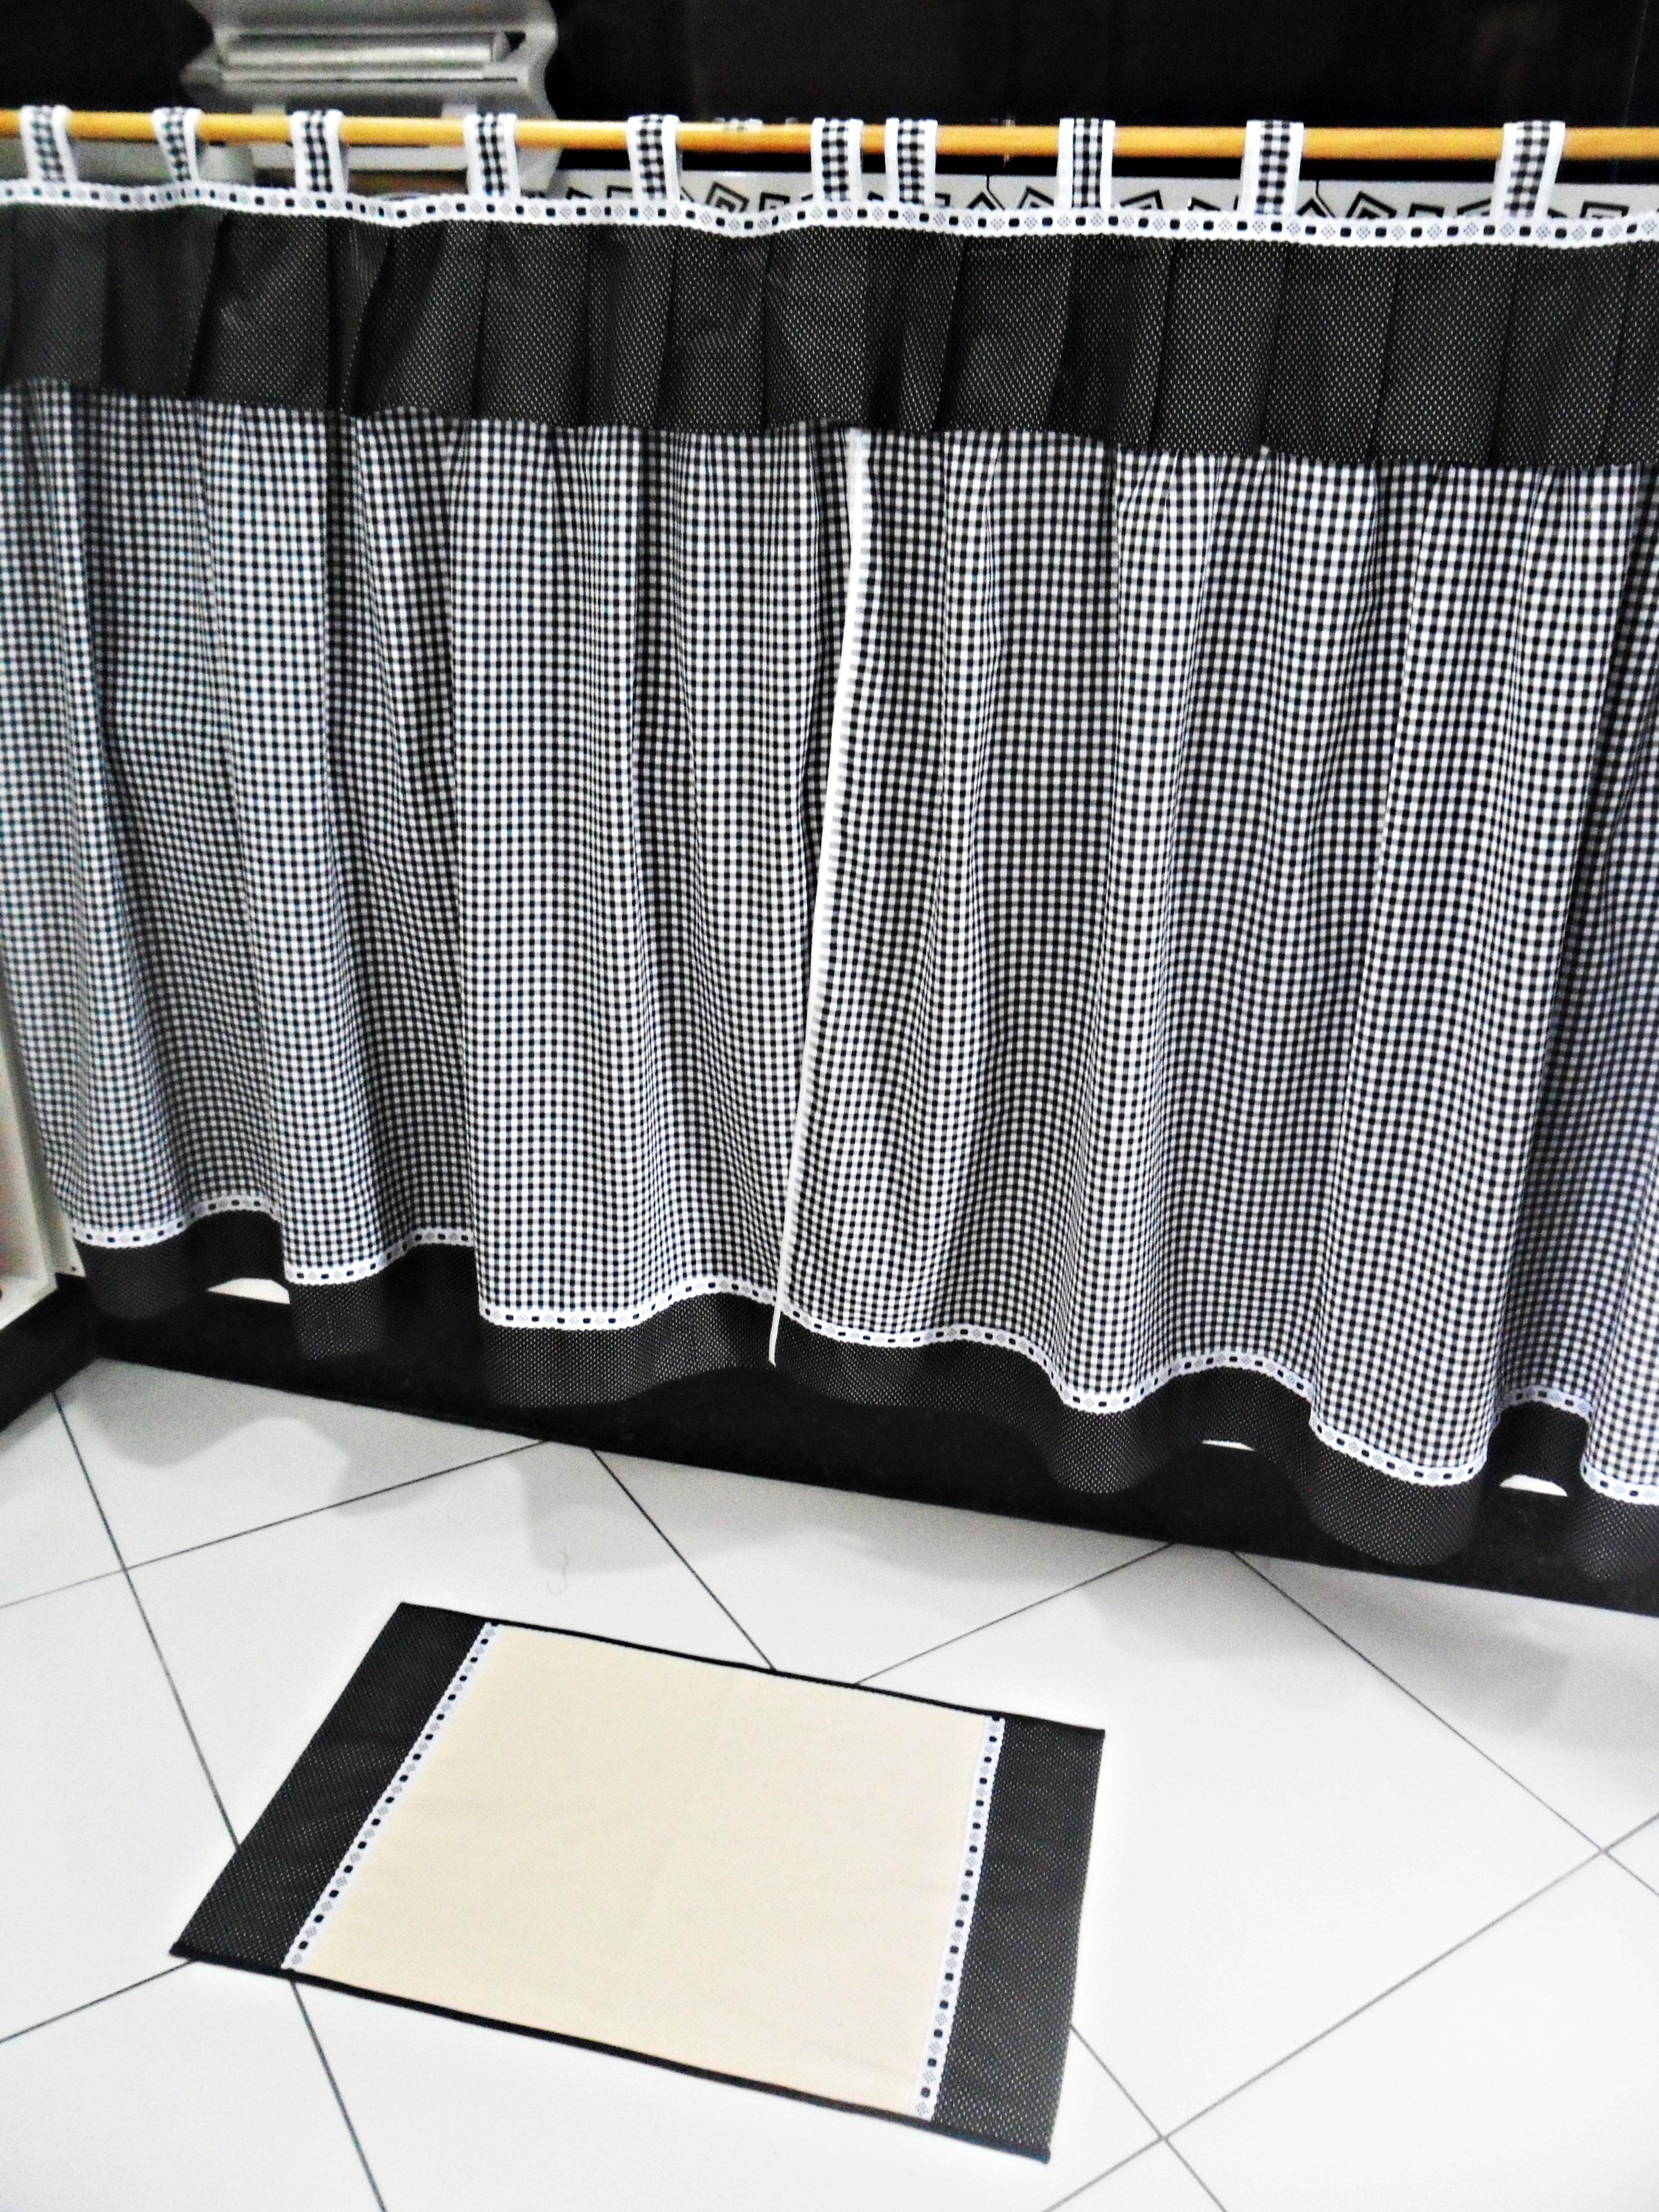 8832a6fb3 Tapetinhos e cortina - preto e branco no Elo7